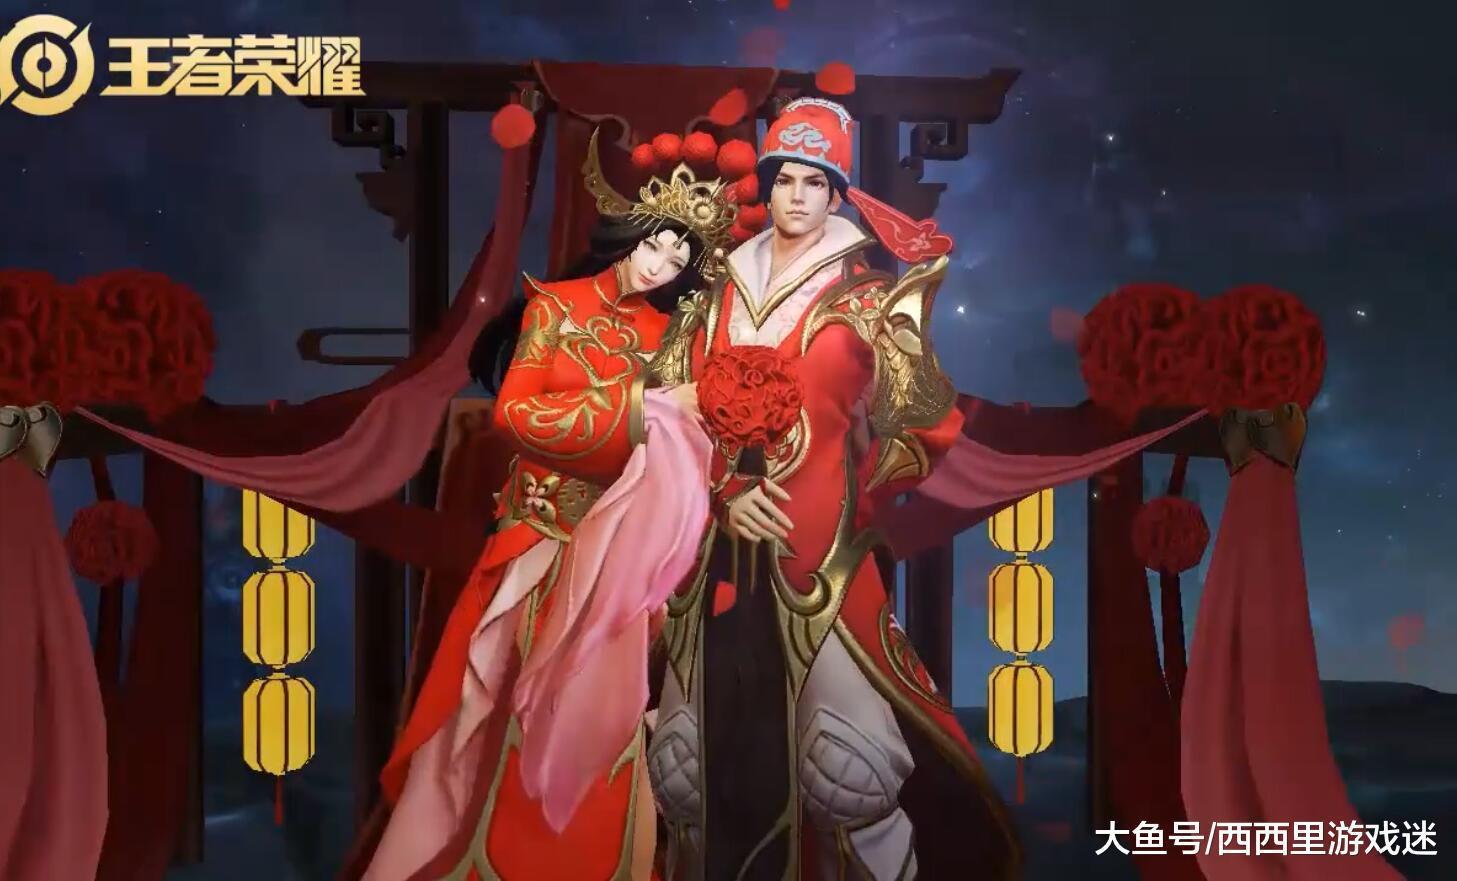 王者榮耀:大圣娶親成新年最丑皮膚,猴子建模已崩,露娜圖片